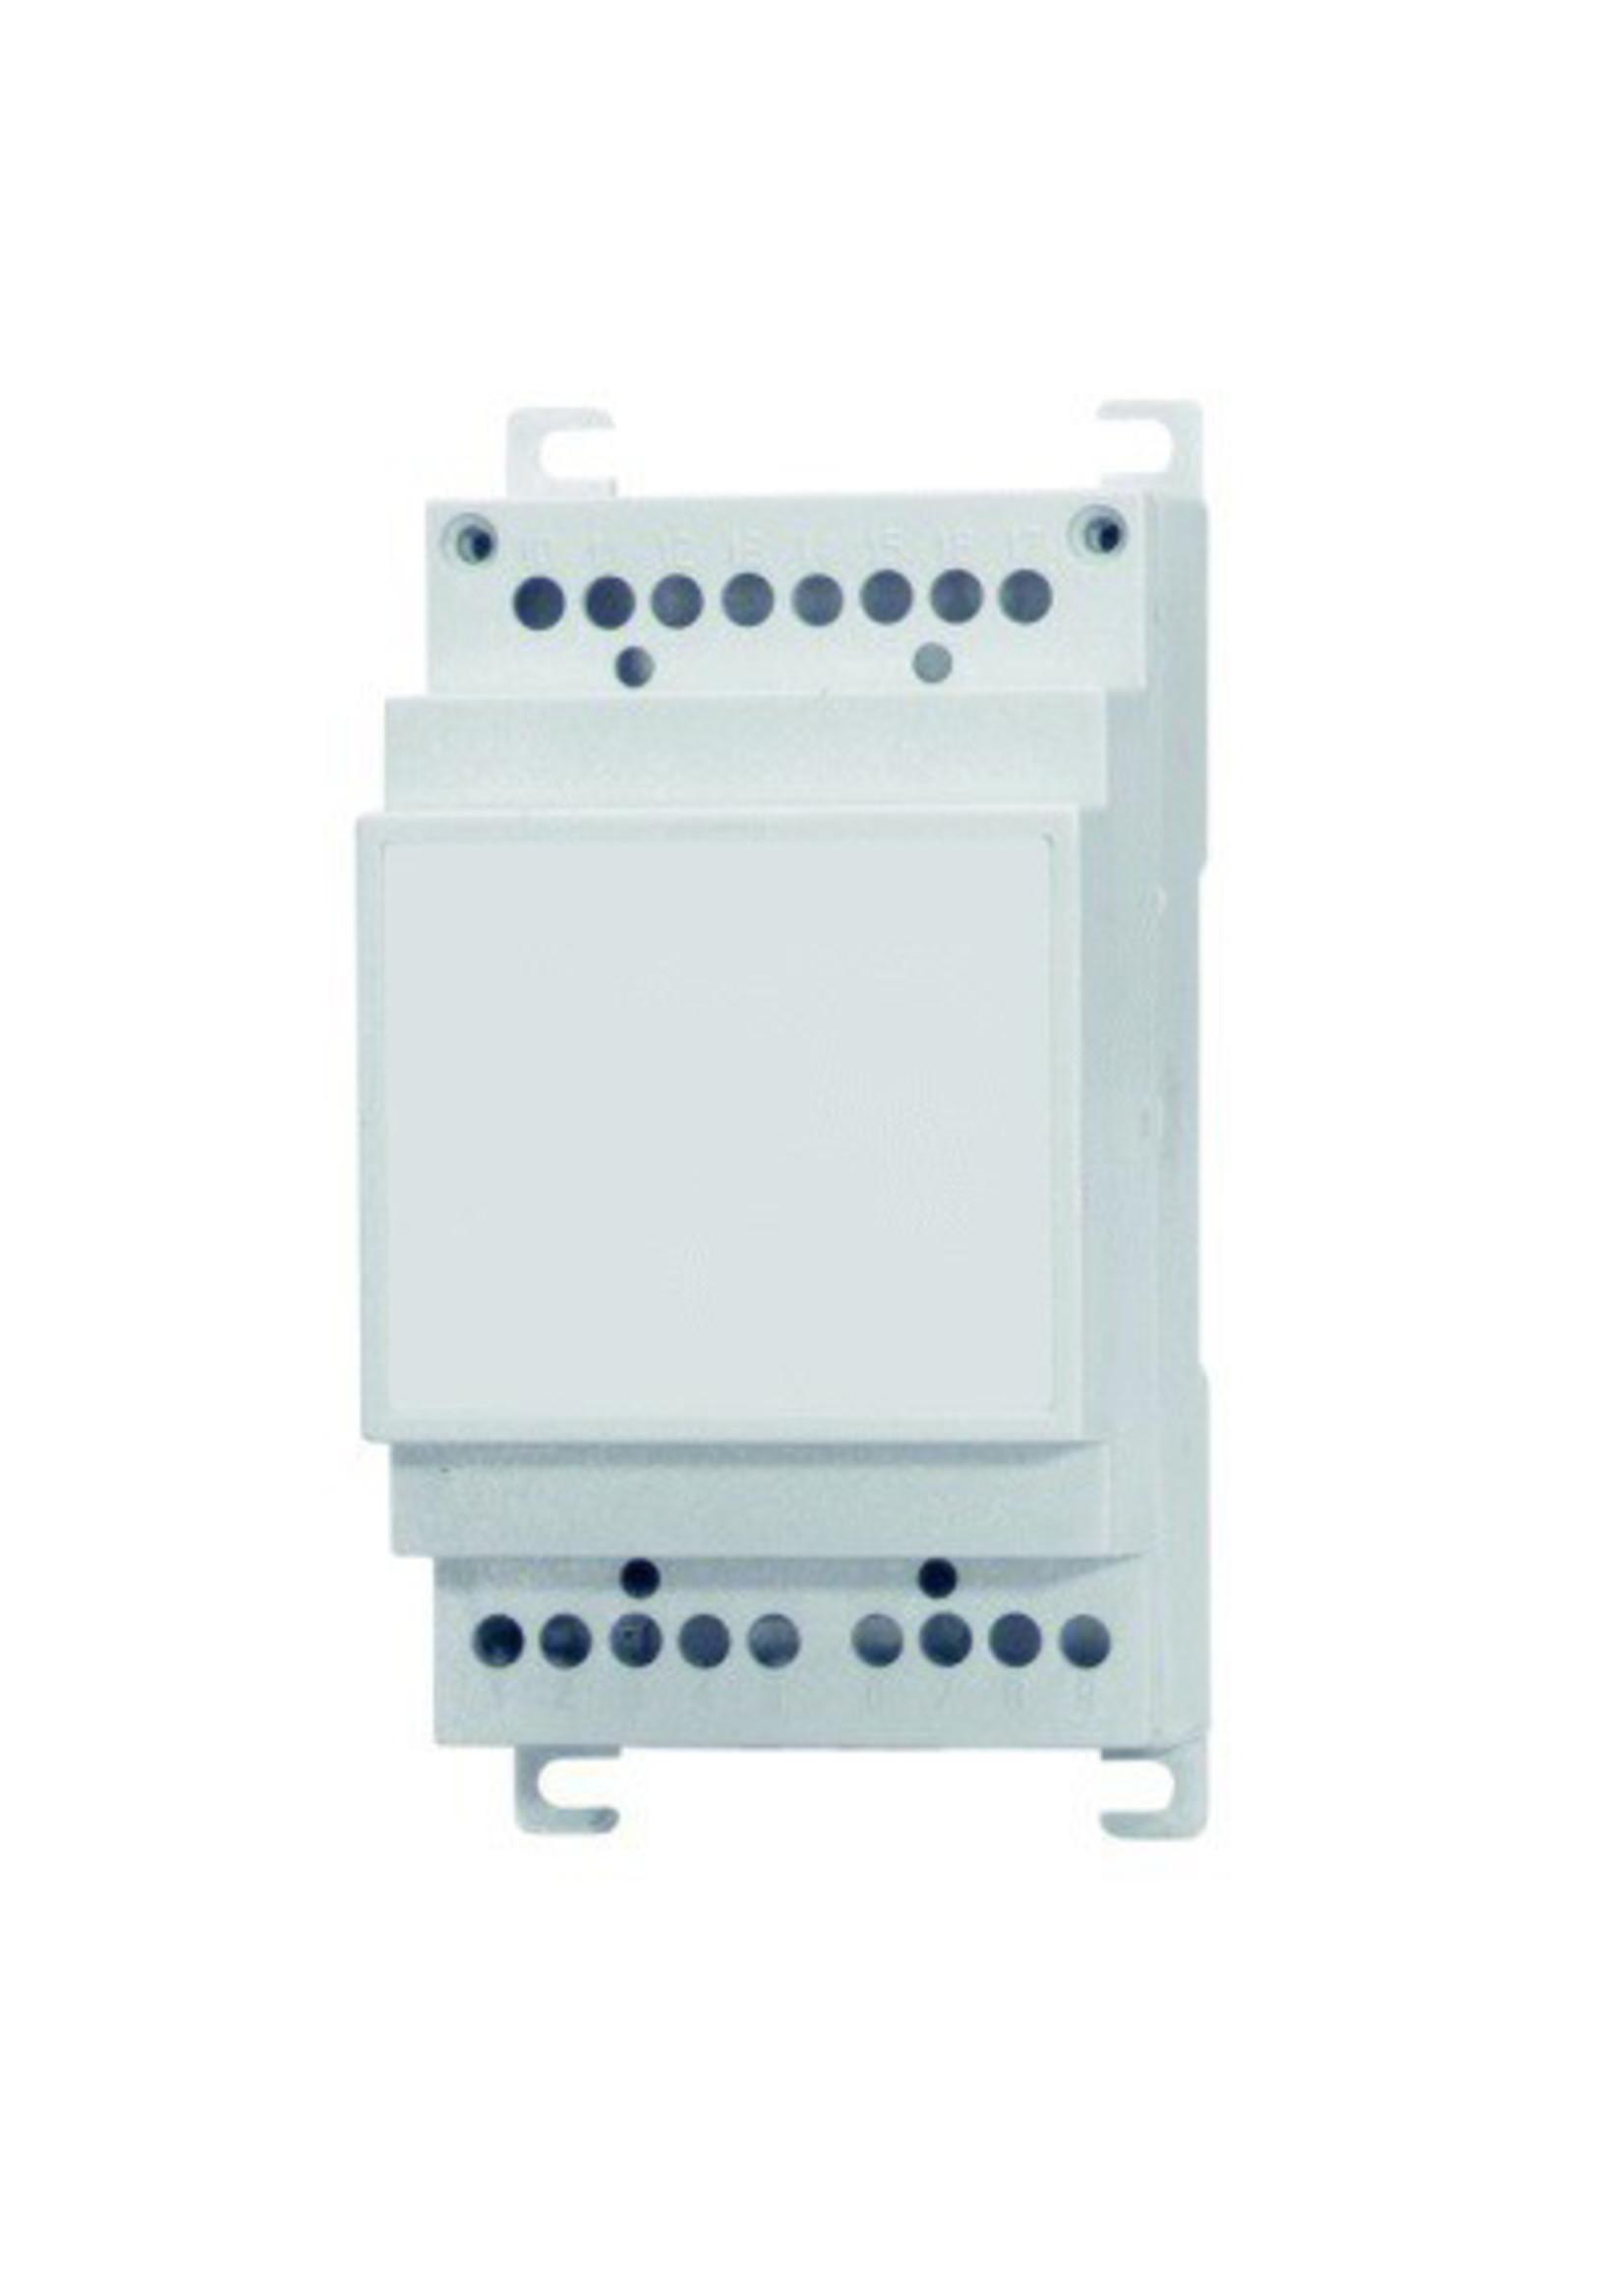 Liftmaster Commande pour serrure électrique modèle 207399